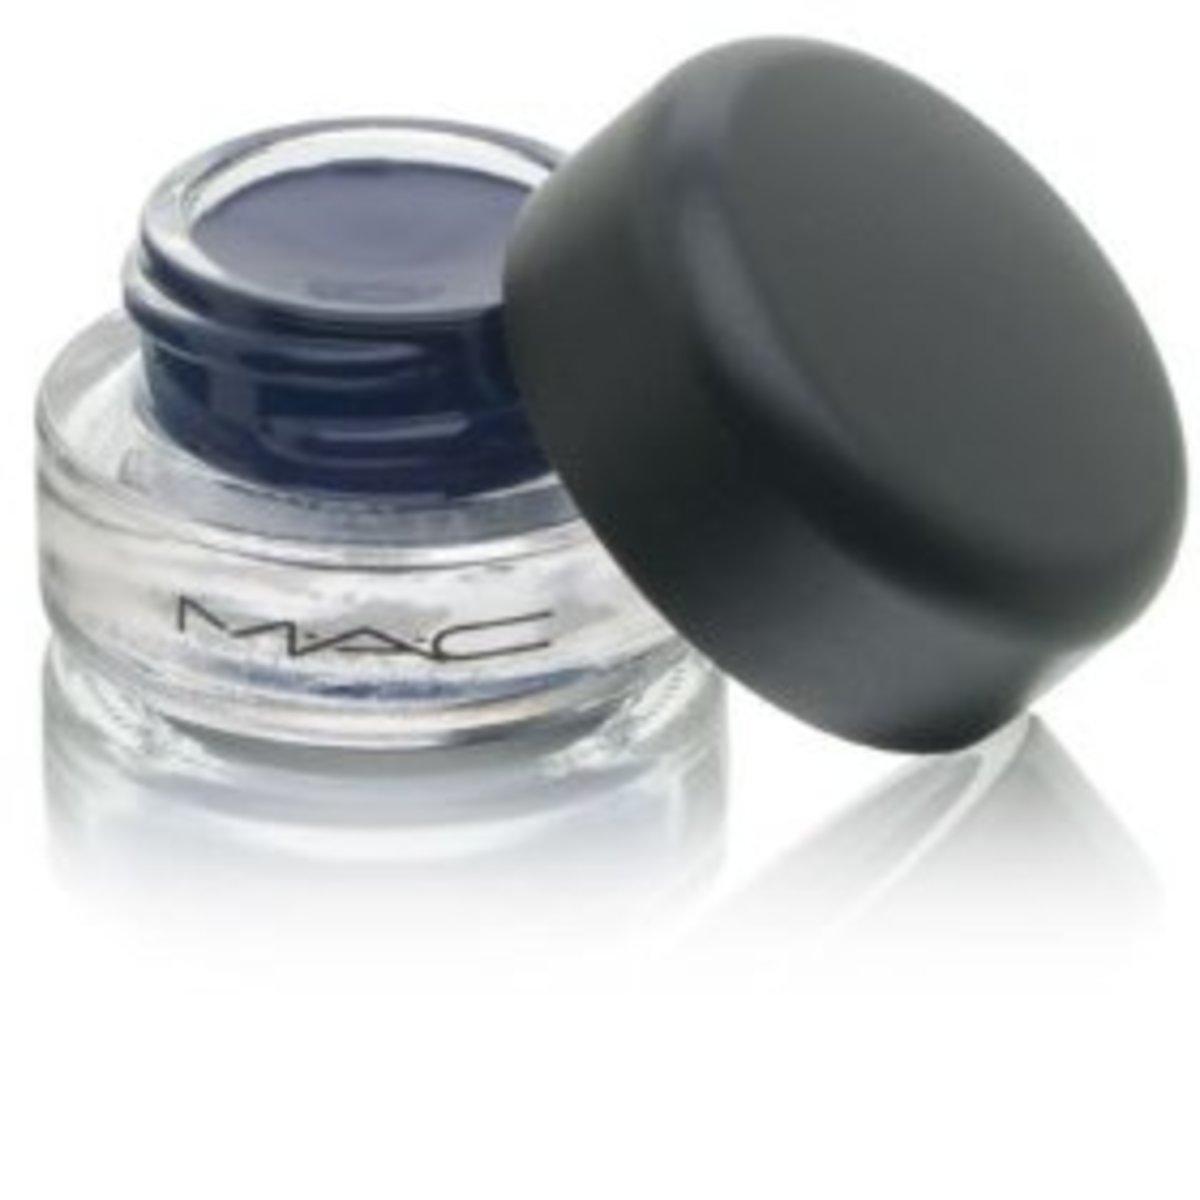 MAC-Fluidline-Gel-Eyeliner